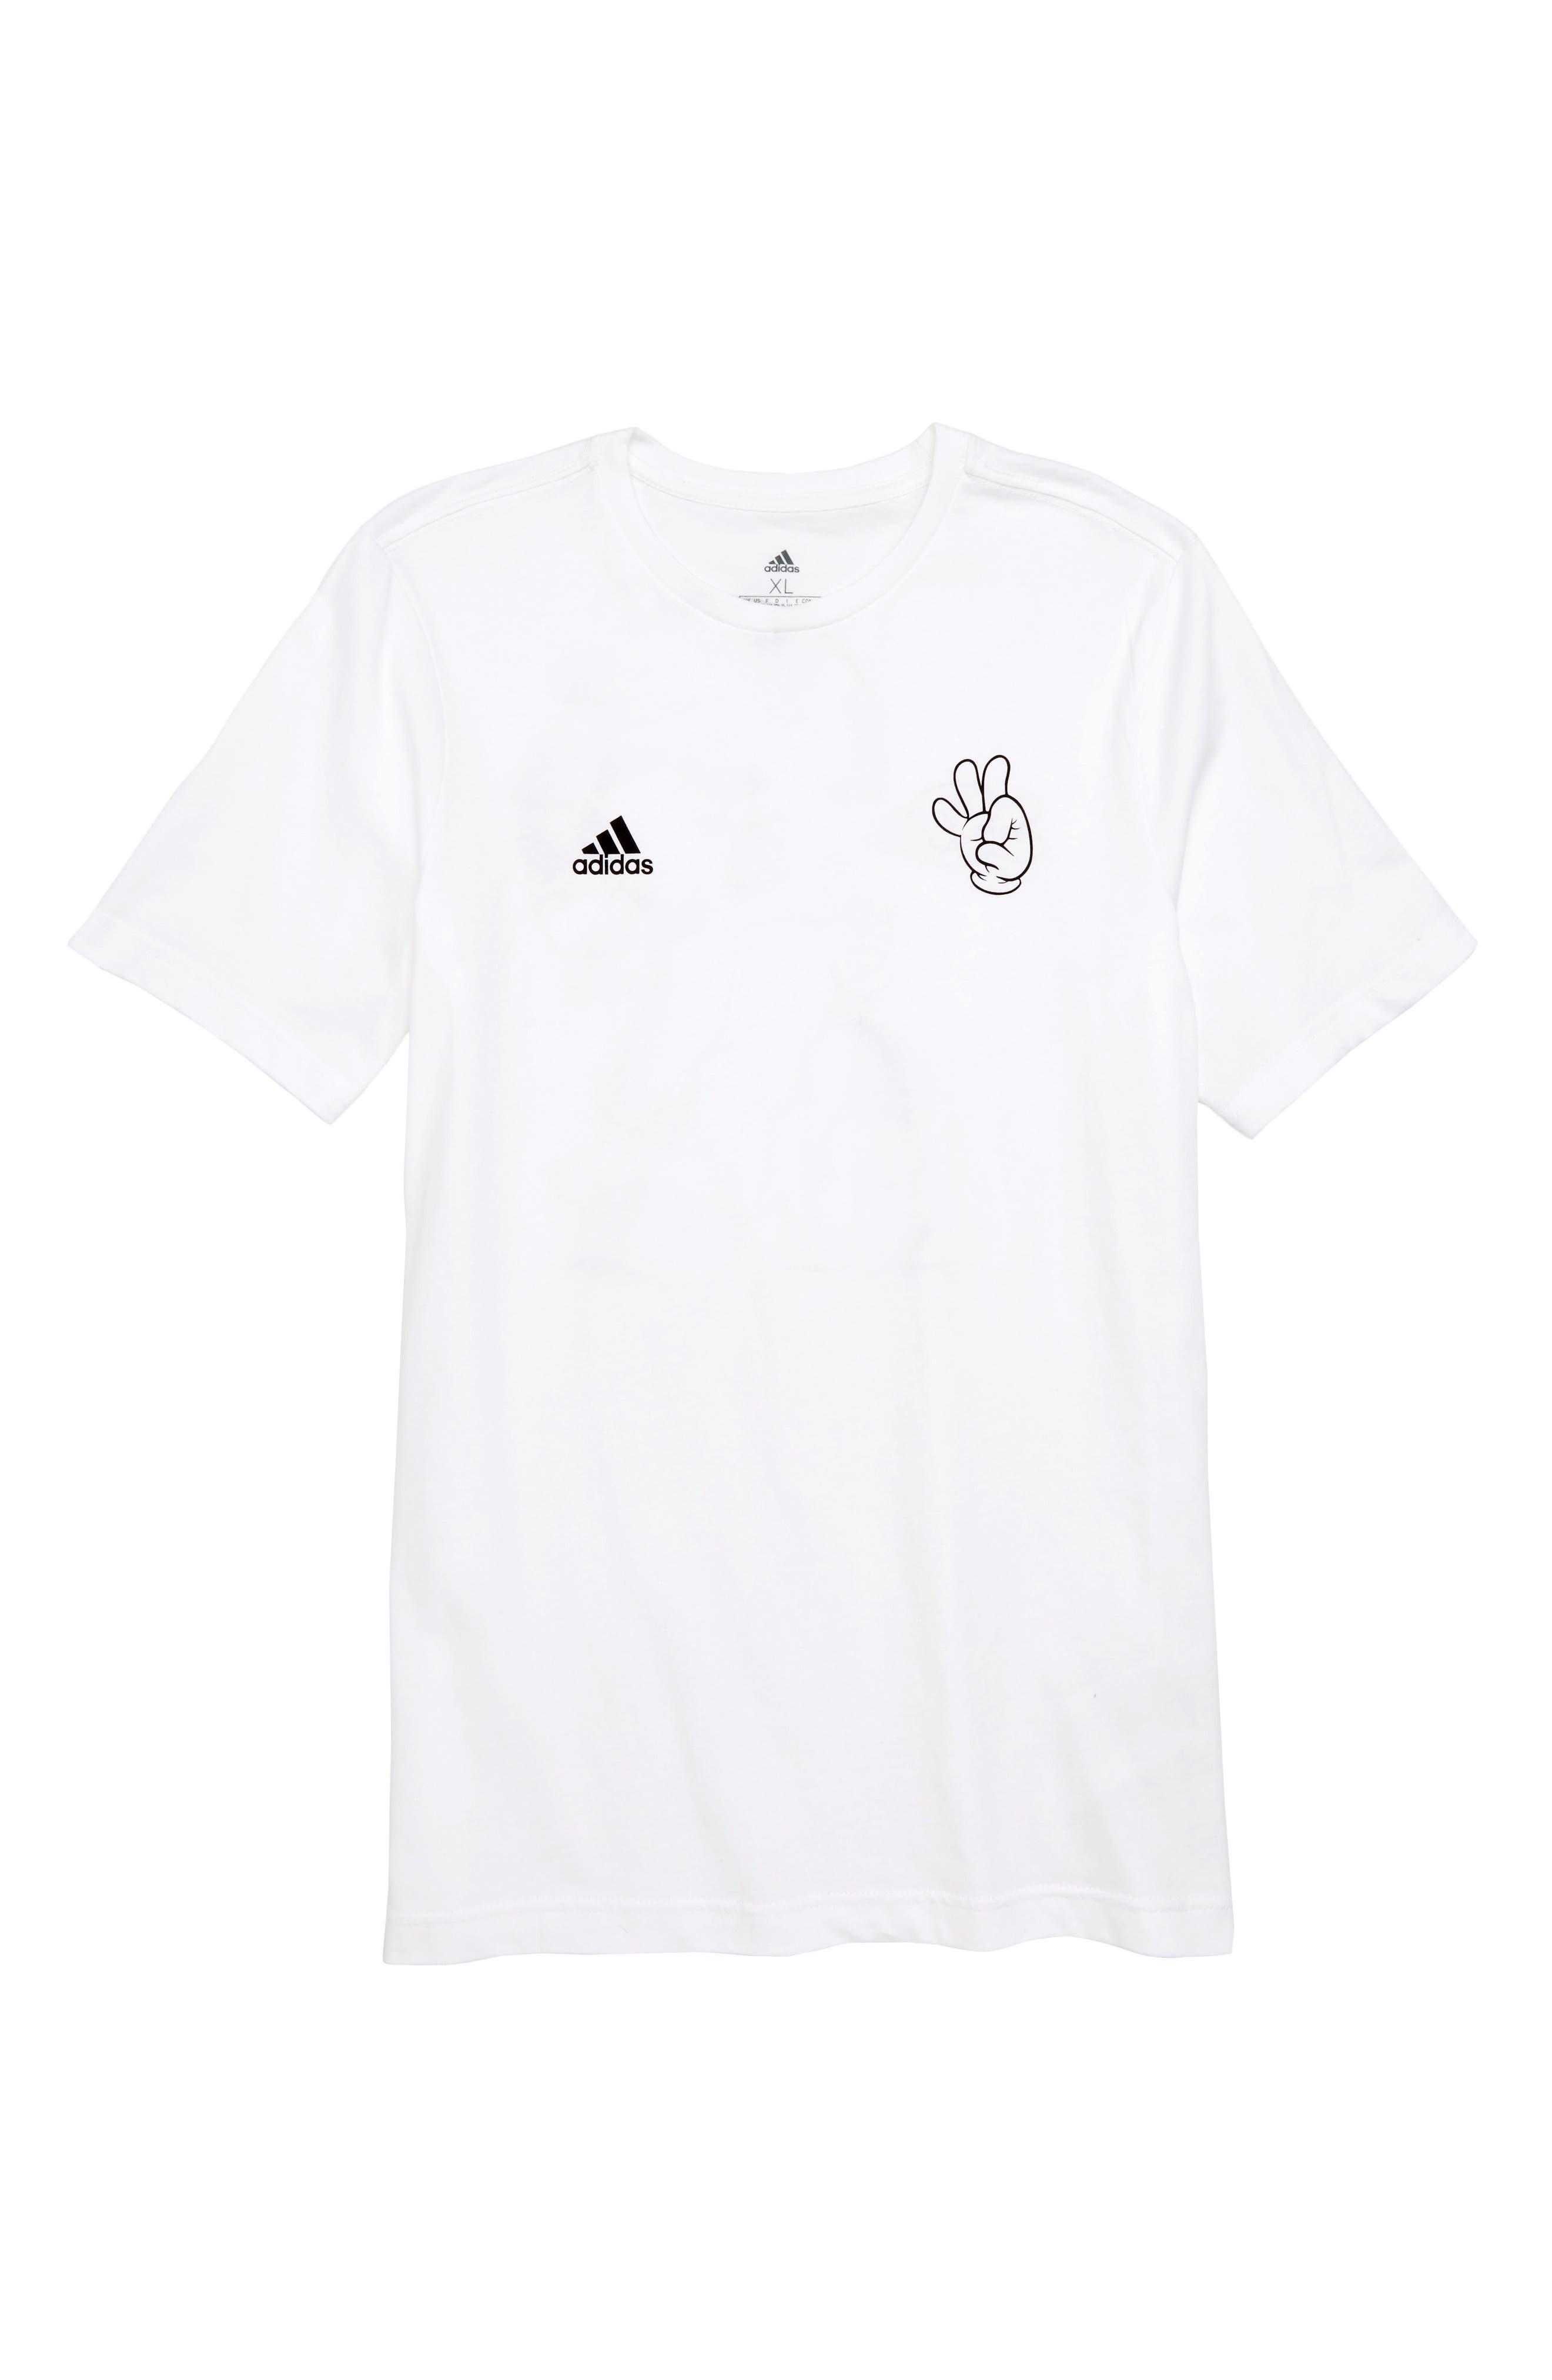 2018 FIFA World Cup Mascot T-Shirt,                             Main thumbnail 1, color,                             White